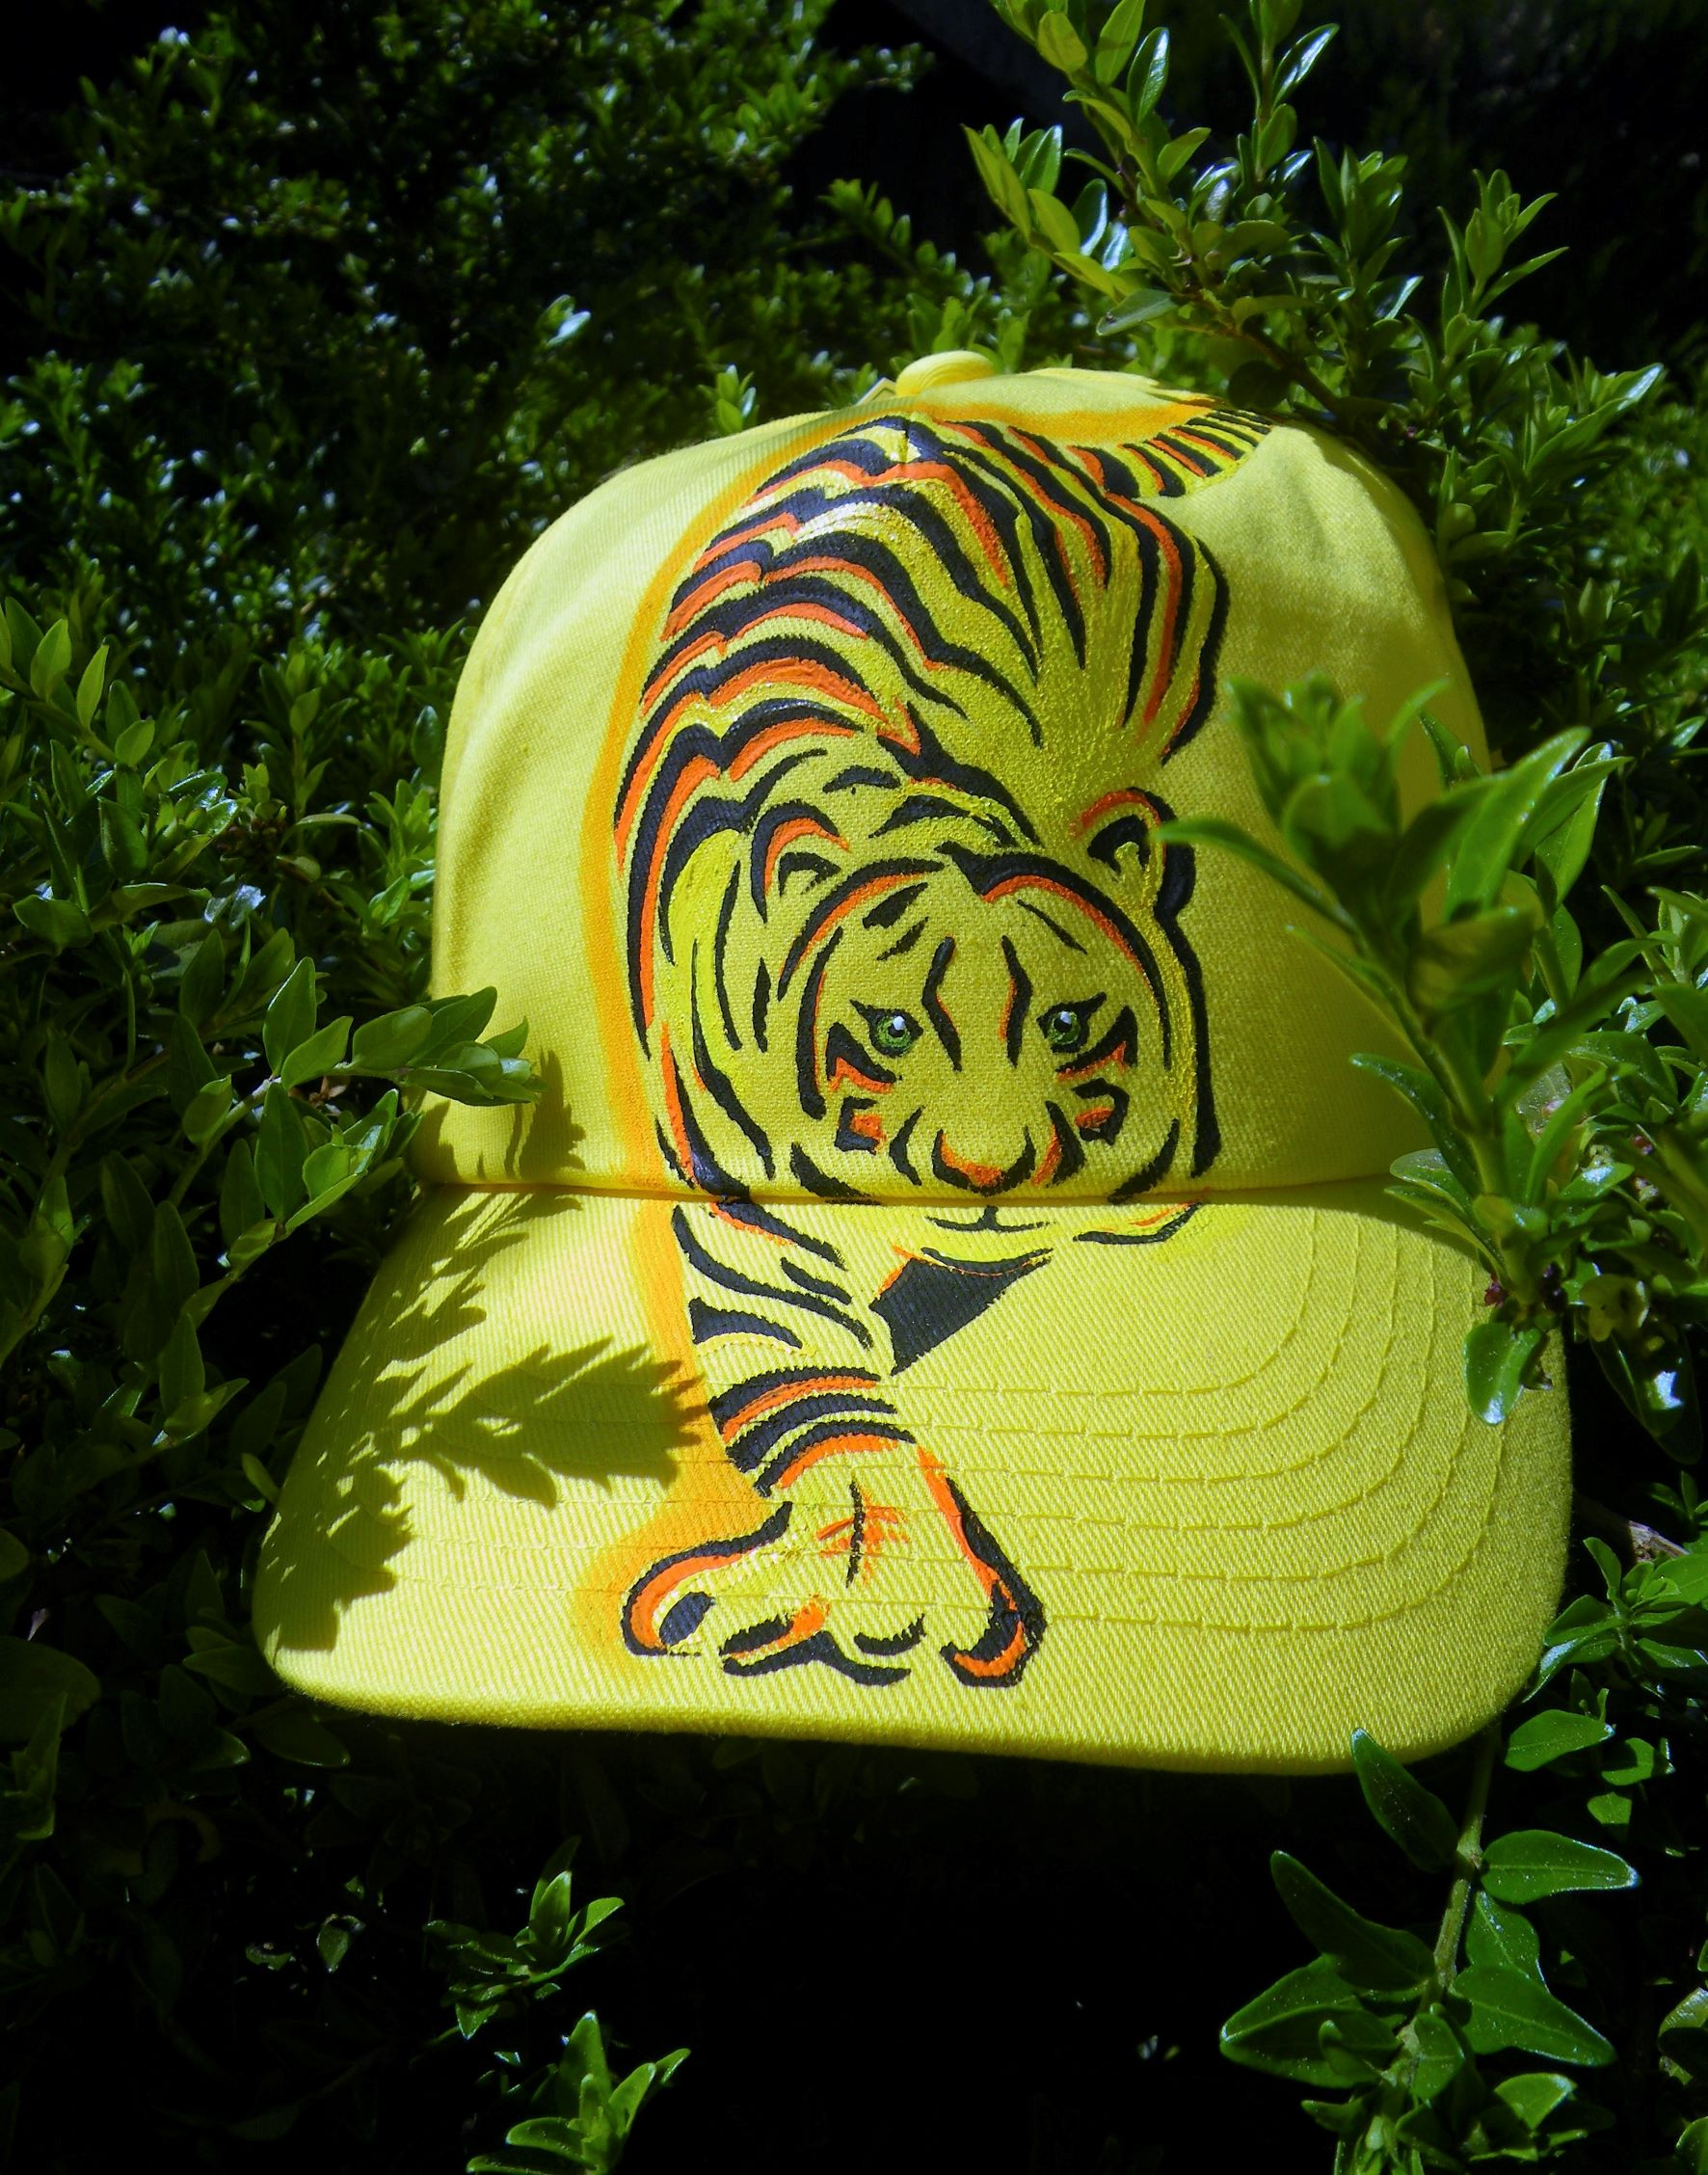 casquette-enfant-jaune-tigre (2)dim.JPG